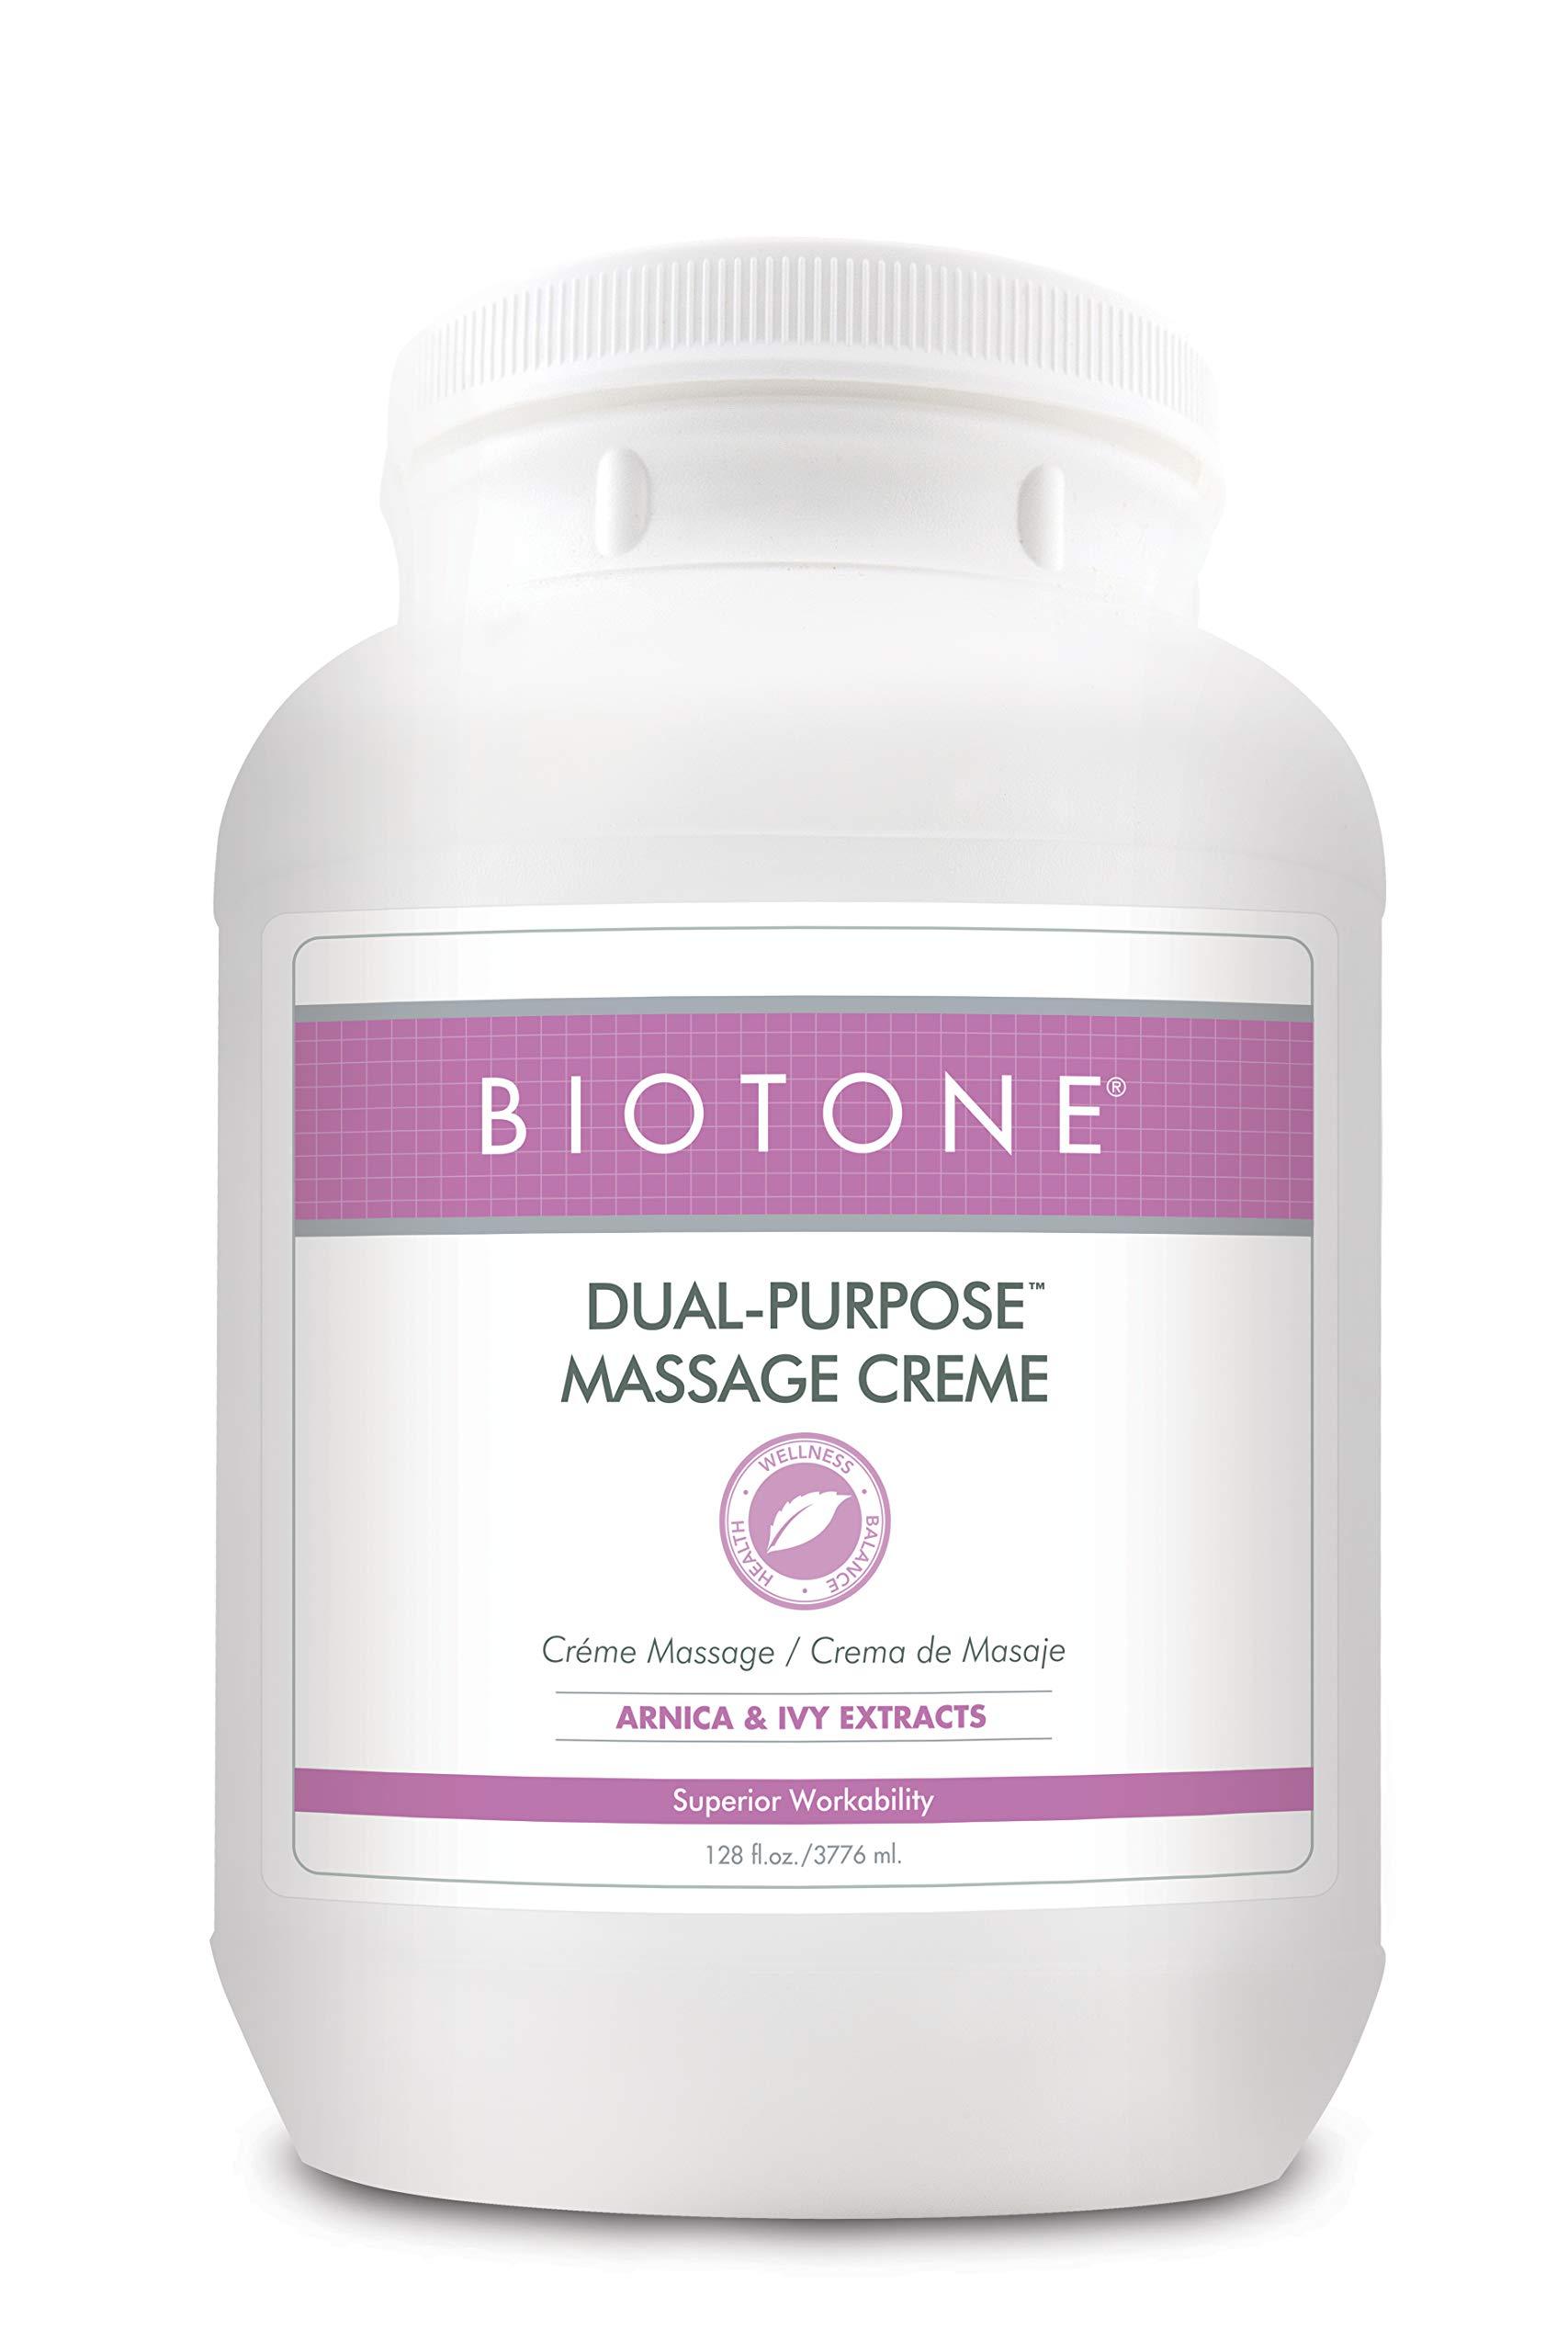 BIOTONE Dual-Purpose Massage Creme - 1 Gallon by Biotone (Image #1)